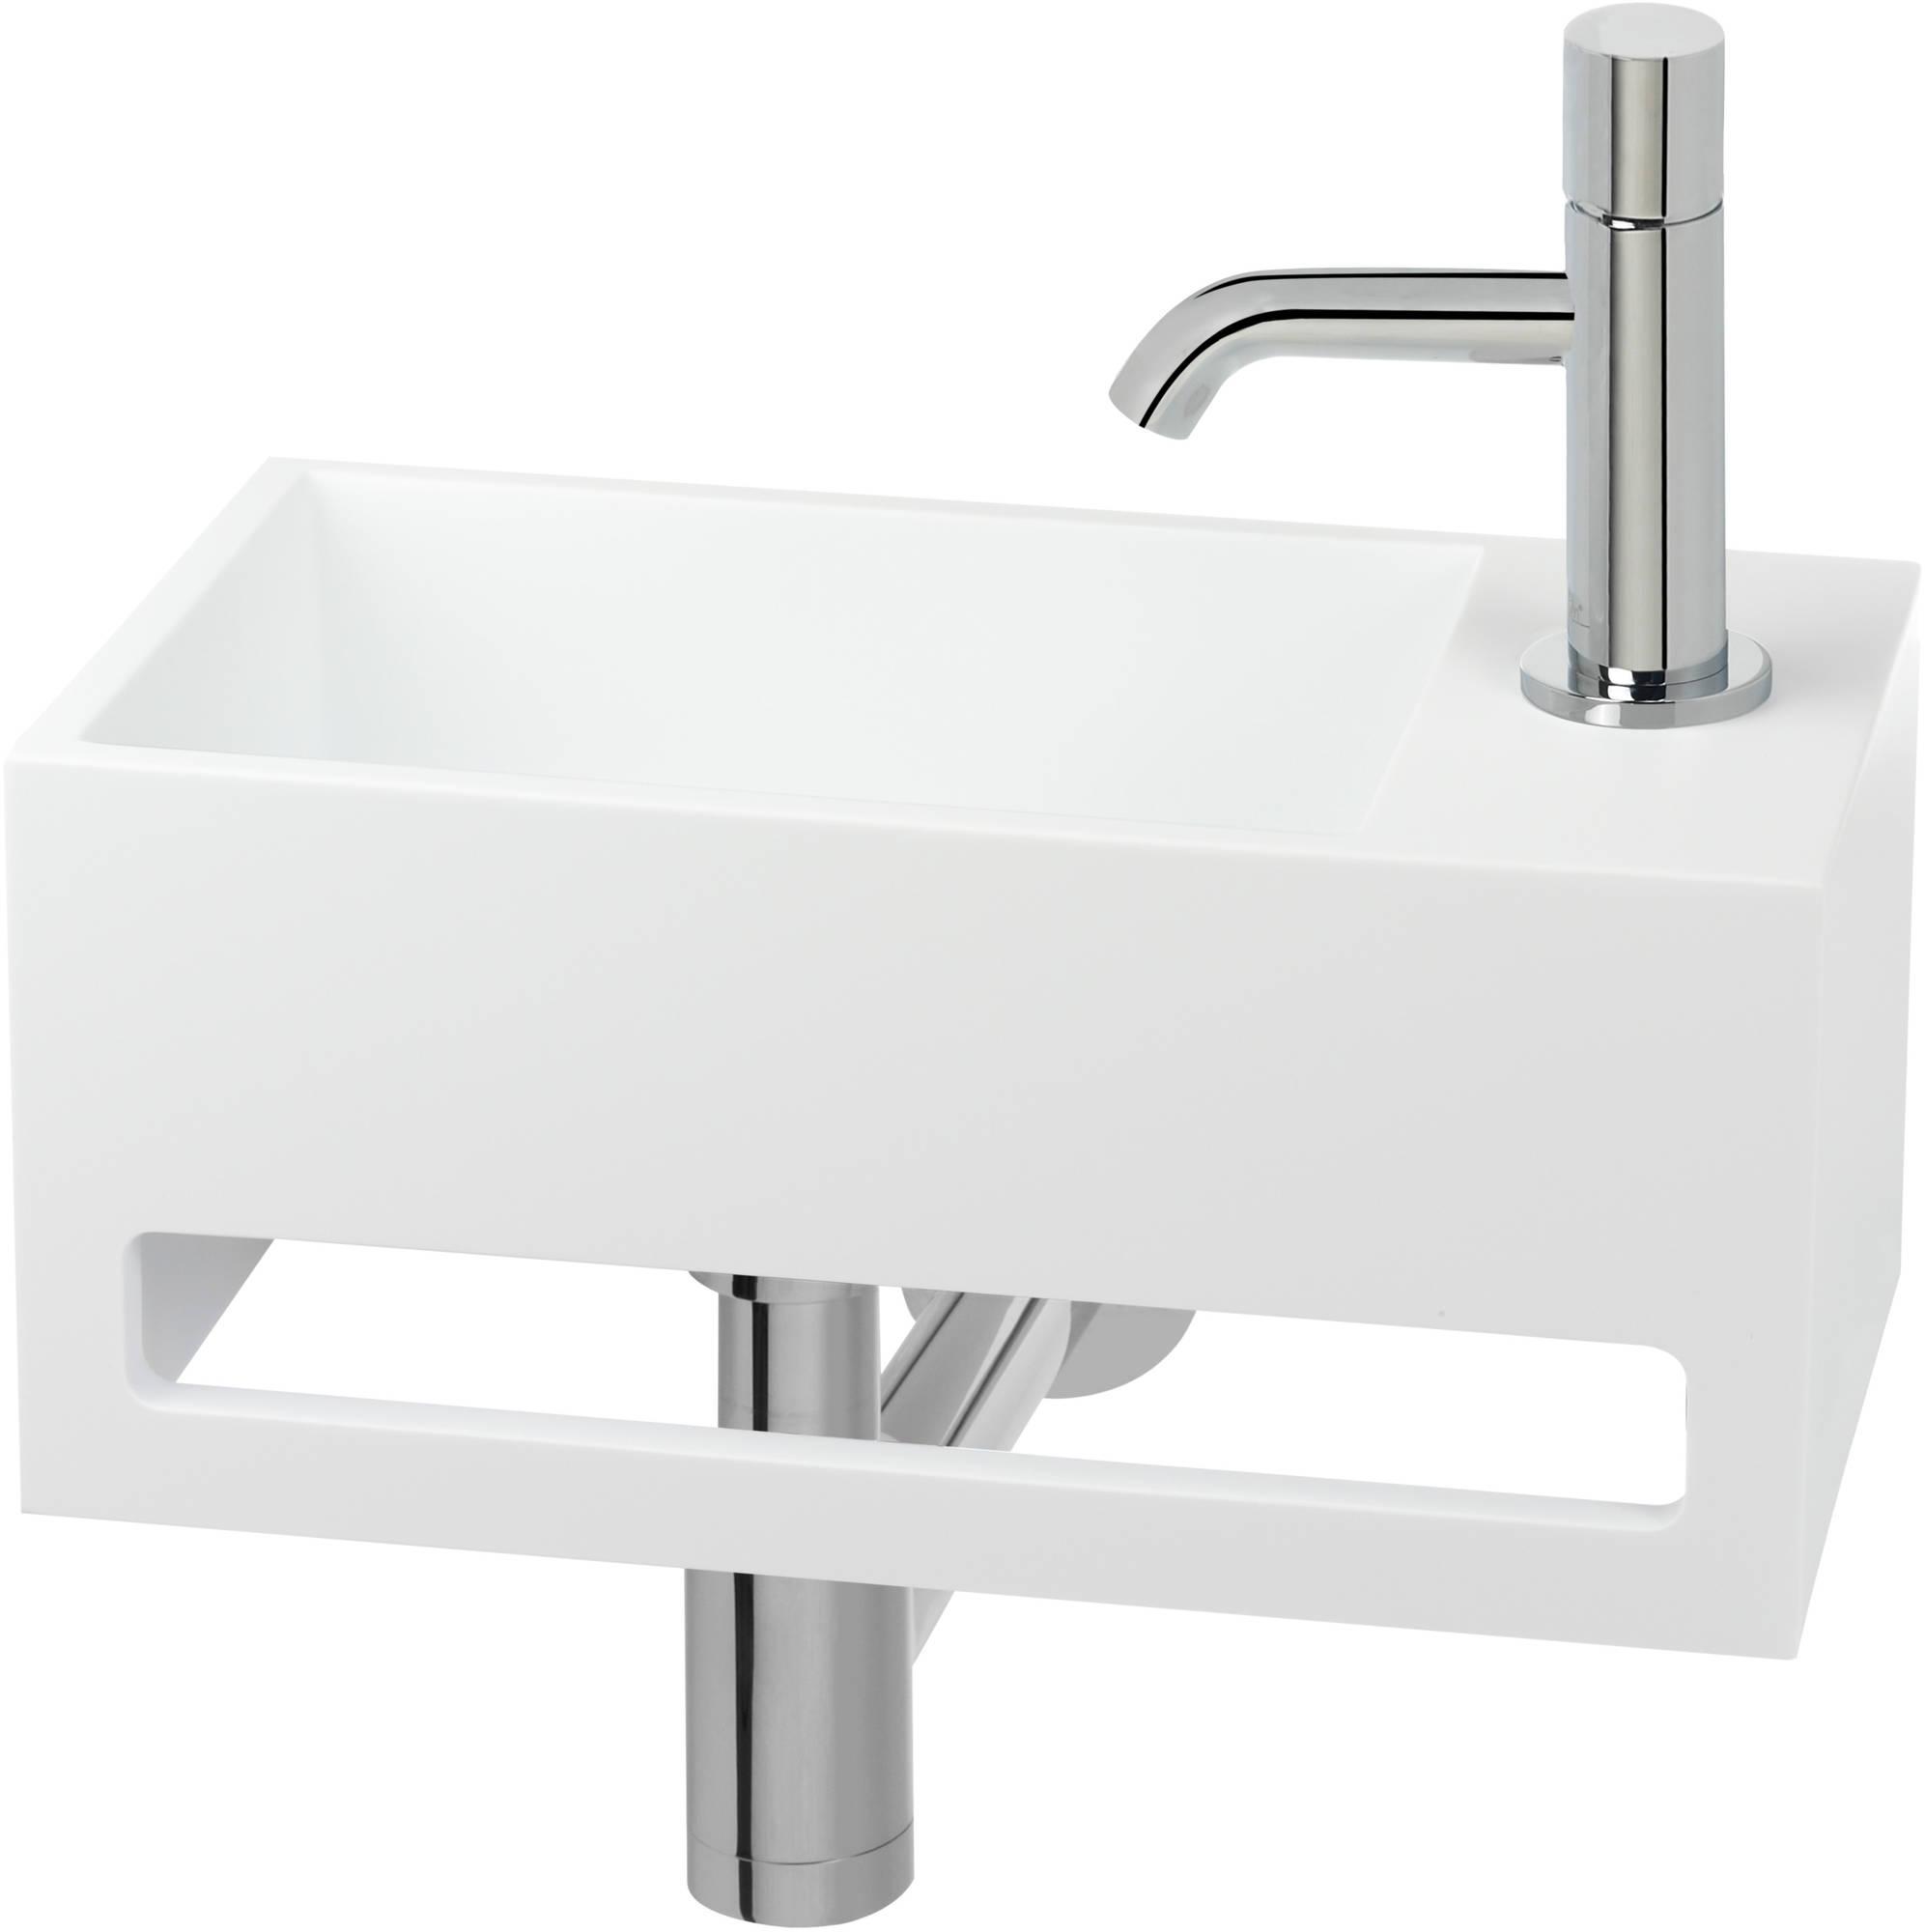 Productafbeelding van Saqu Tendenza Fonteinset Solid Surface rechts mat wit incl. chromen kraan met draaiknop